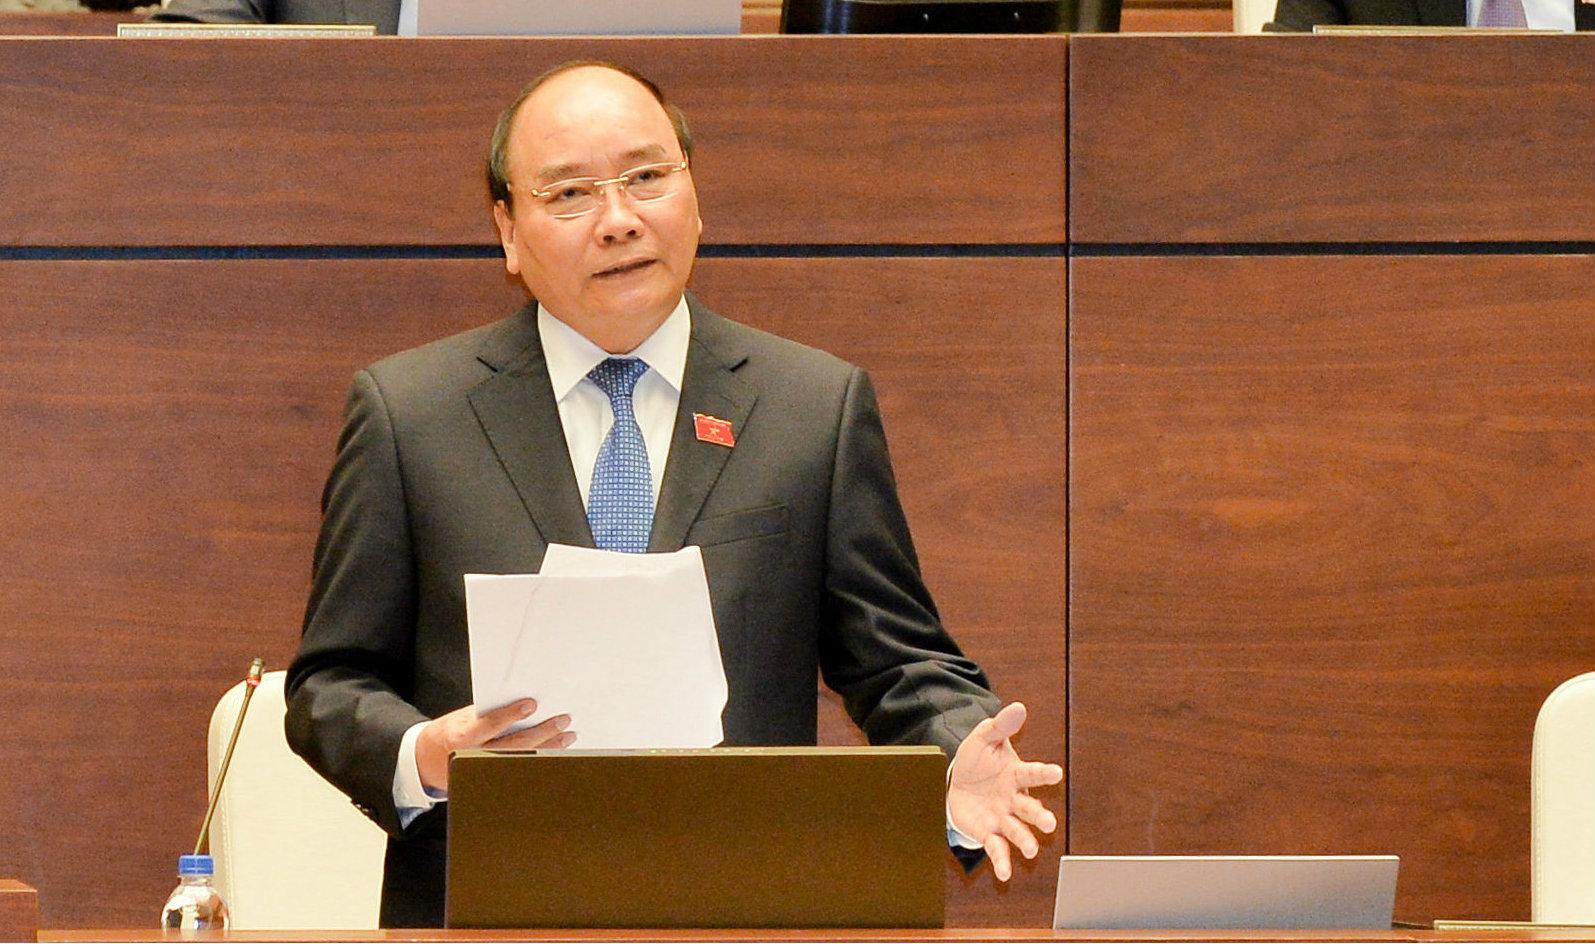 Thủ tướng Nguyễn Xuân Phúc: Cần nhiều chính sách đầu tư cho vùng dân tộc thiểu số